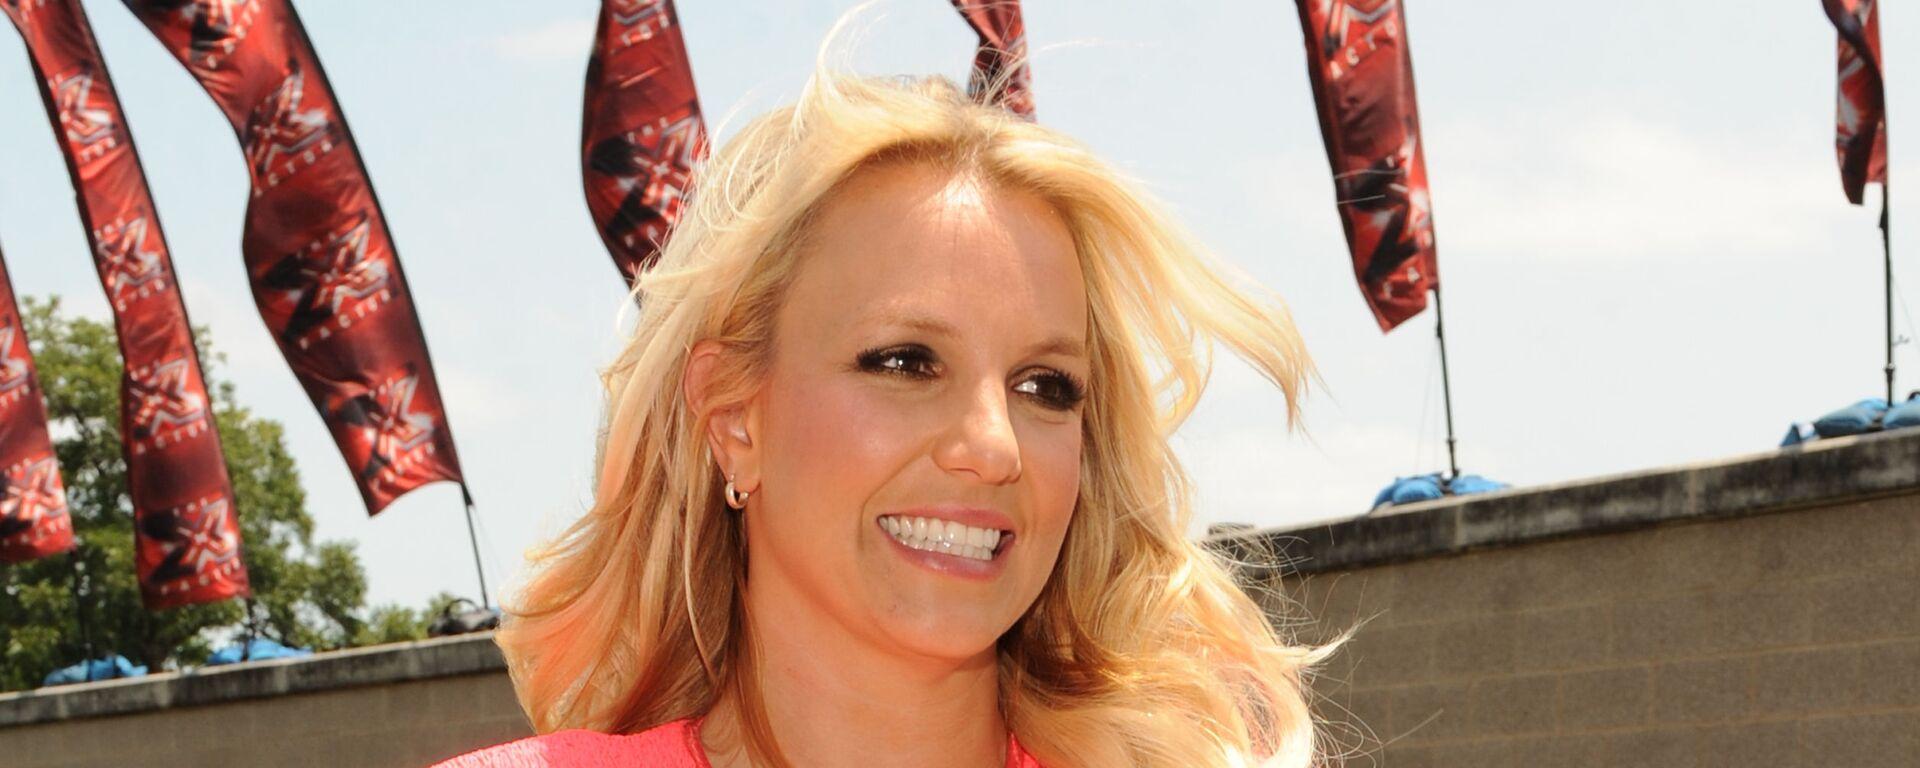 Popová hvězda Britney Spears - Sputnik Česká republika, 1920, 30.07.2021